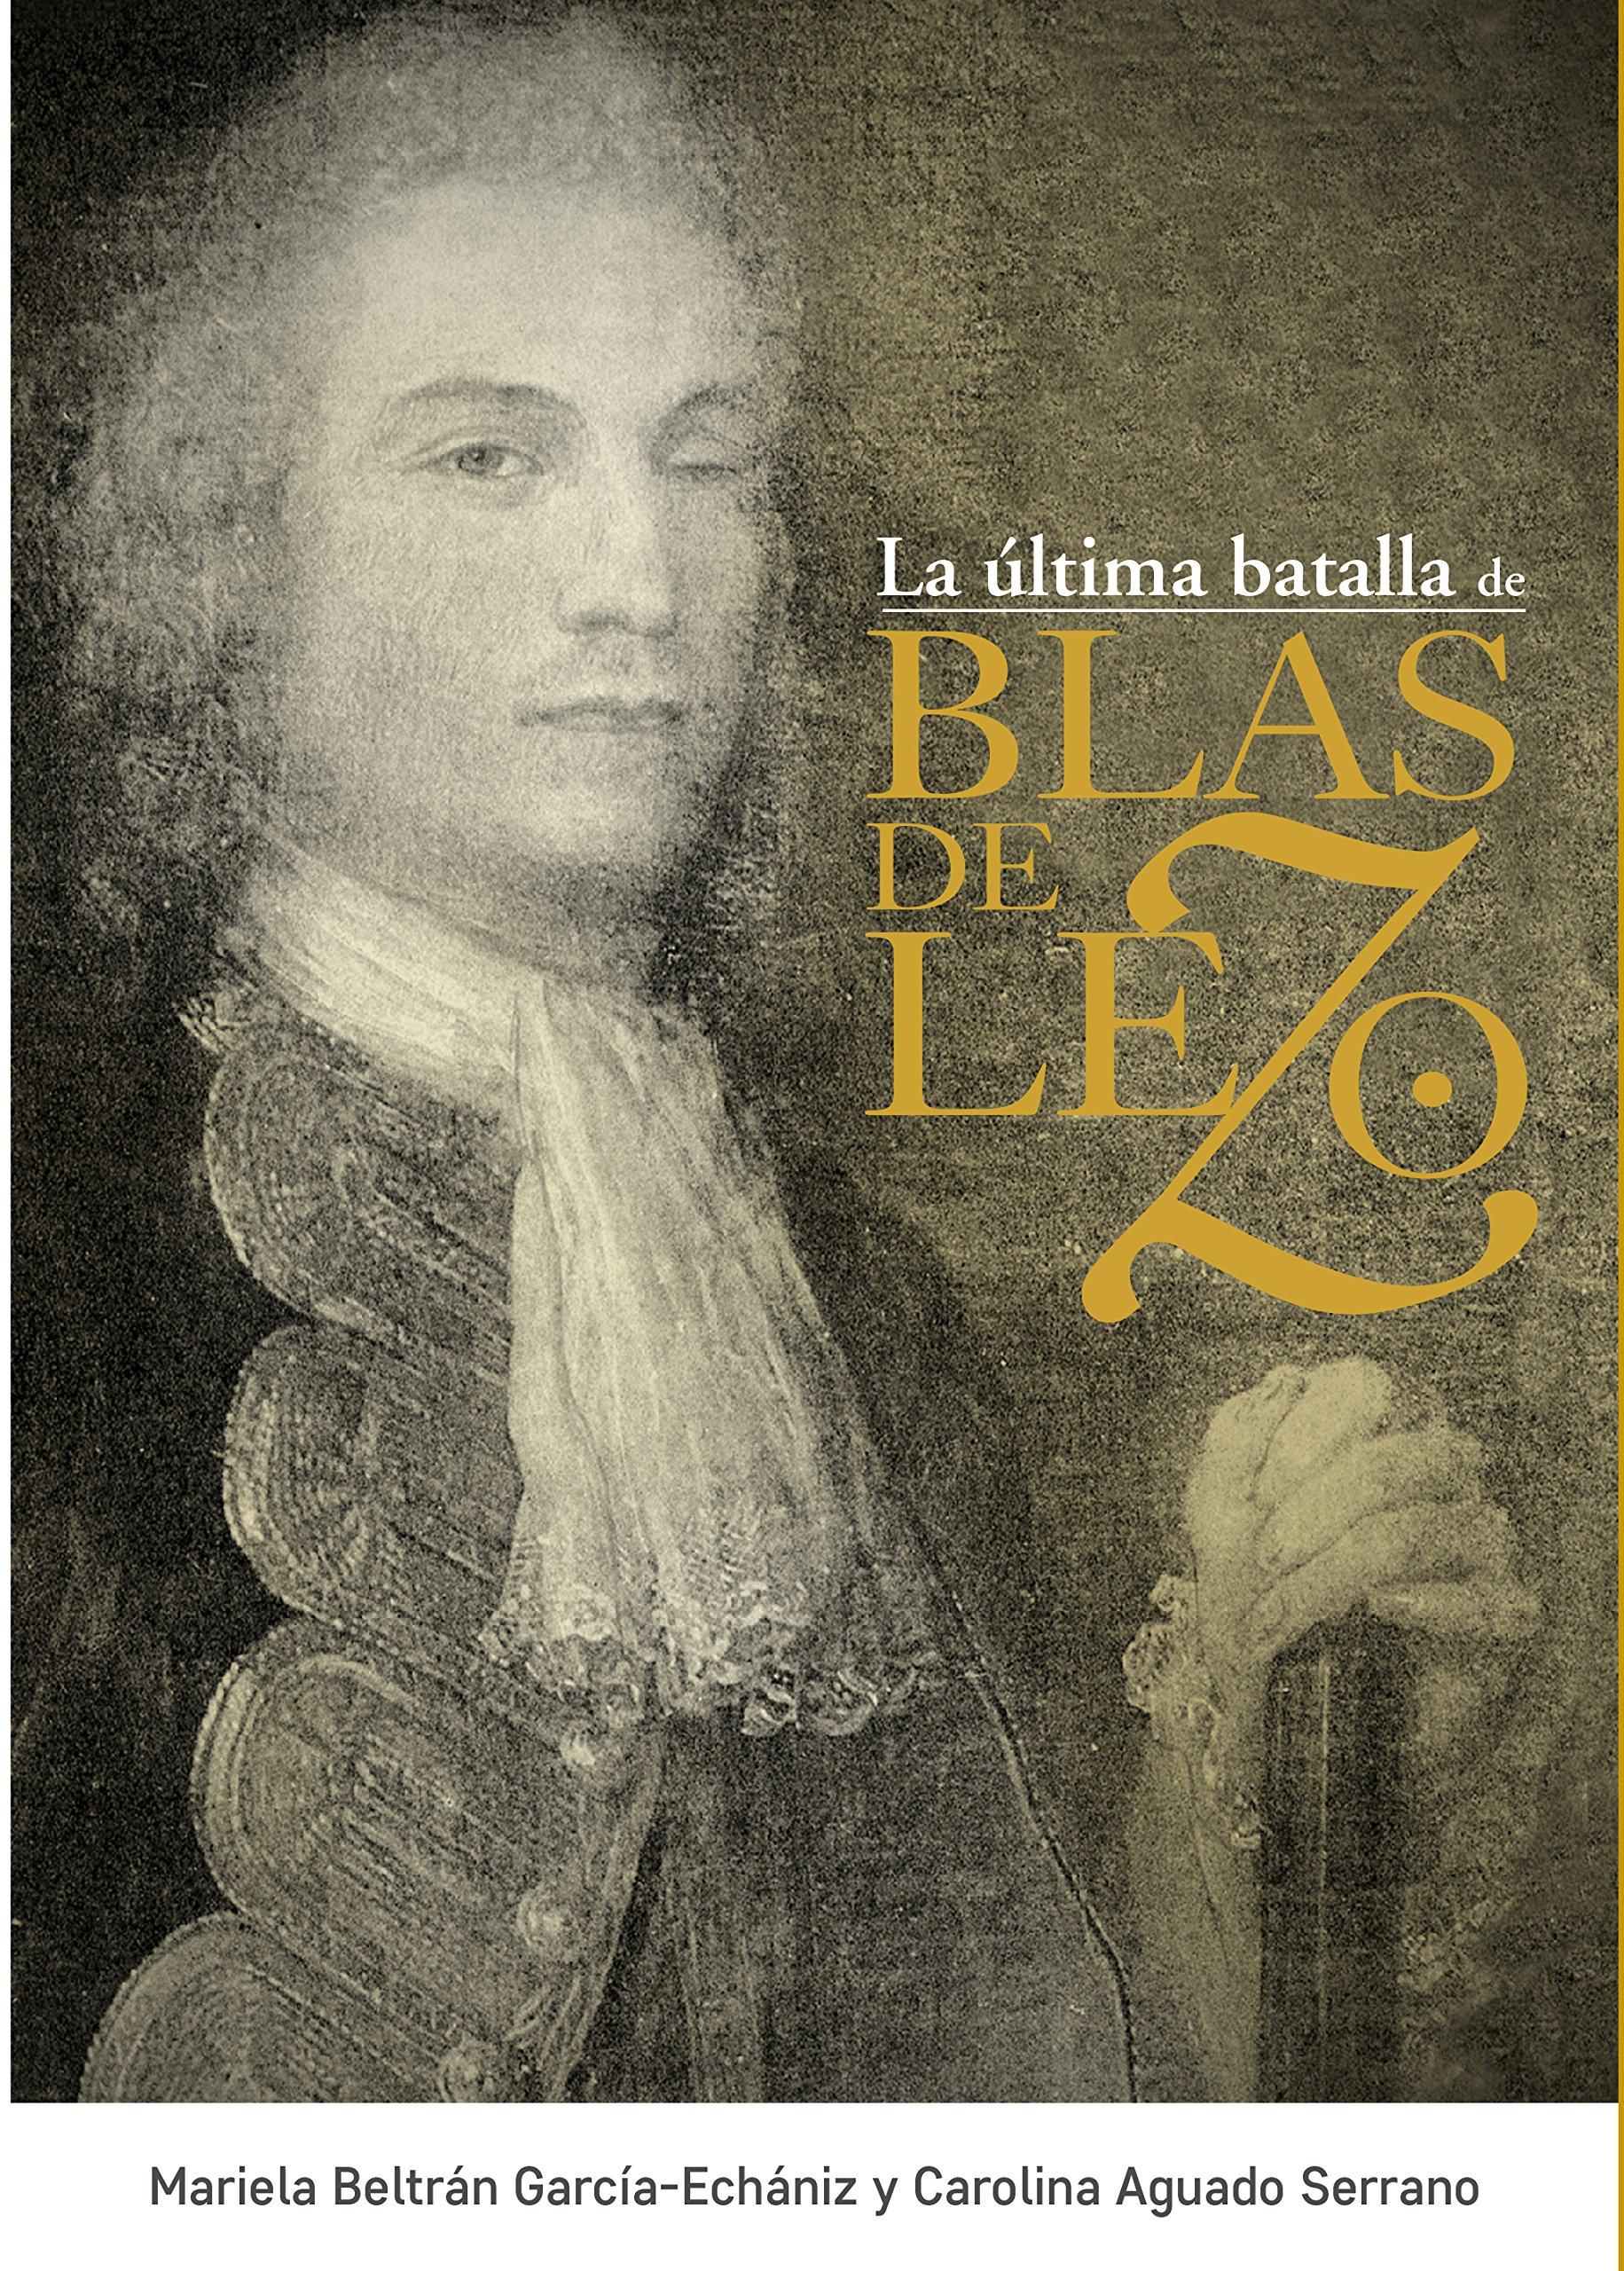 Última batalla de Blas de Lezo,La: Amazon.es: Beltrán García-Echániz, Mariela, Aguado Serrano, Carolina: Libros